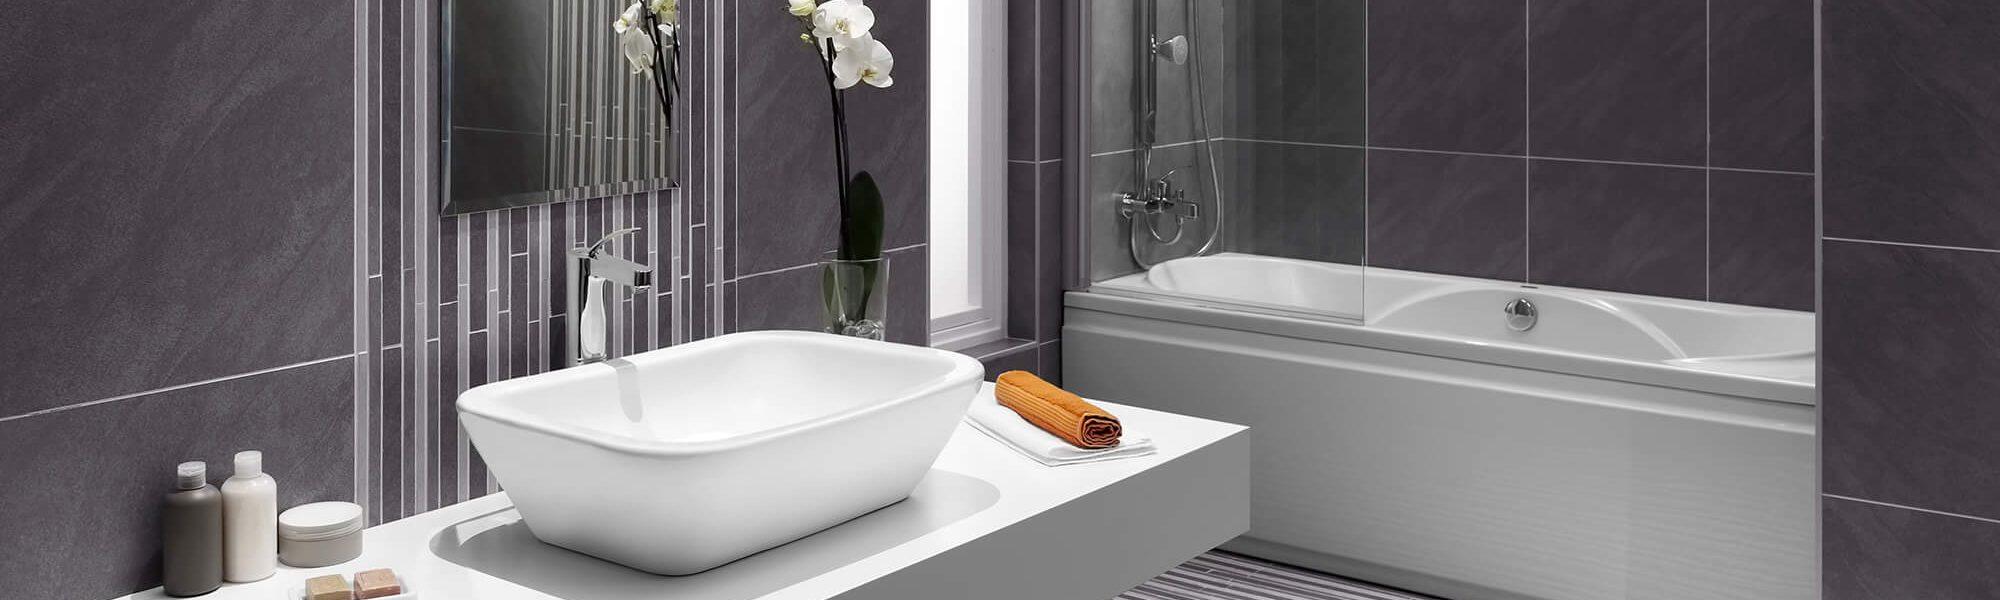 Profilés, croisillons pour les finitions de votre salle de bain